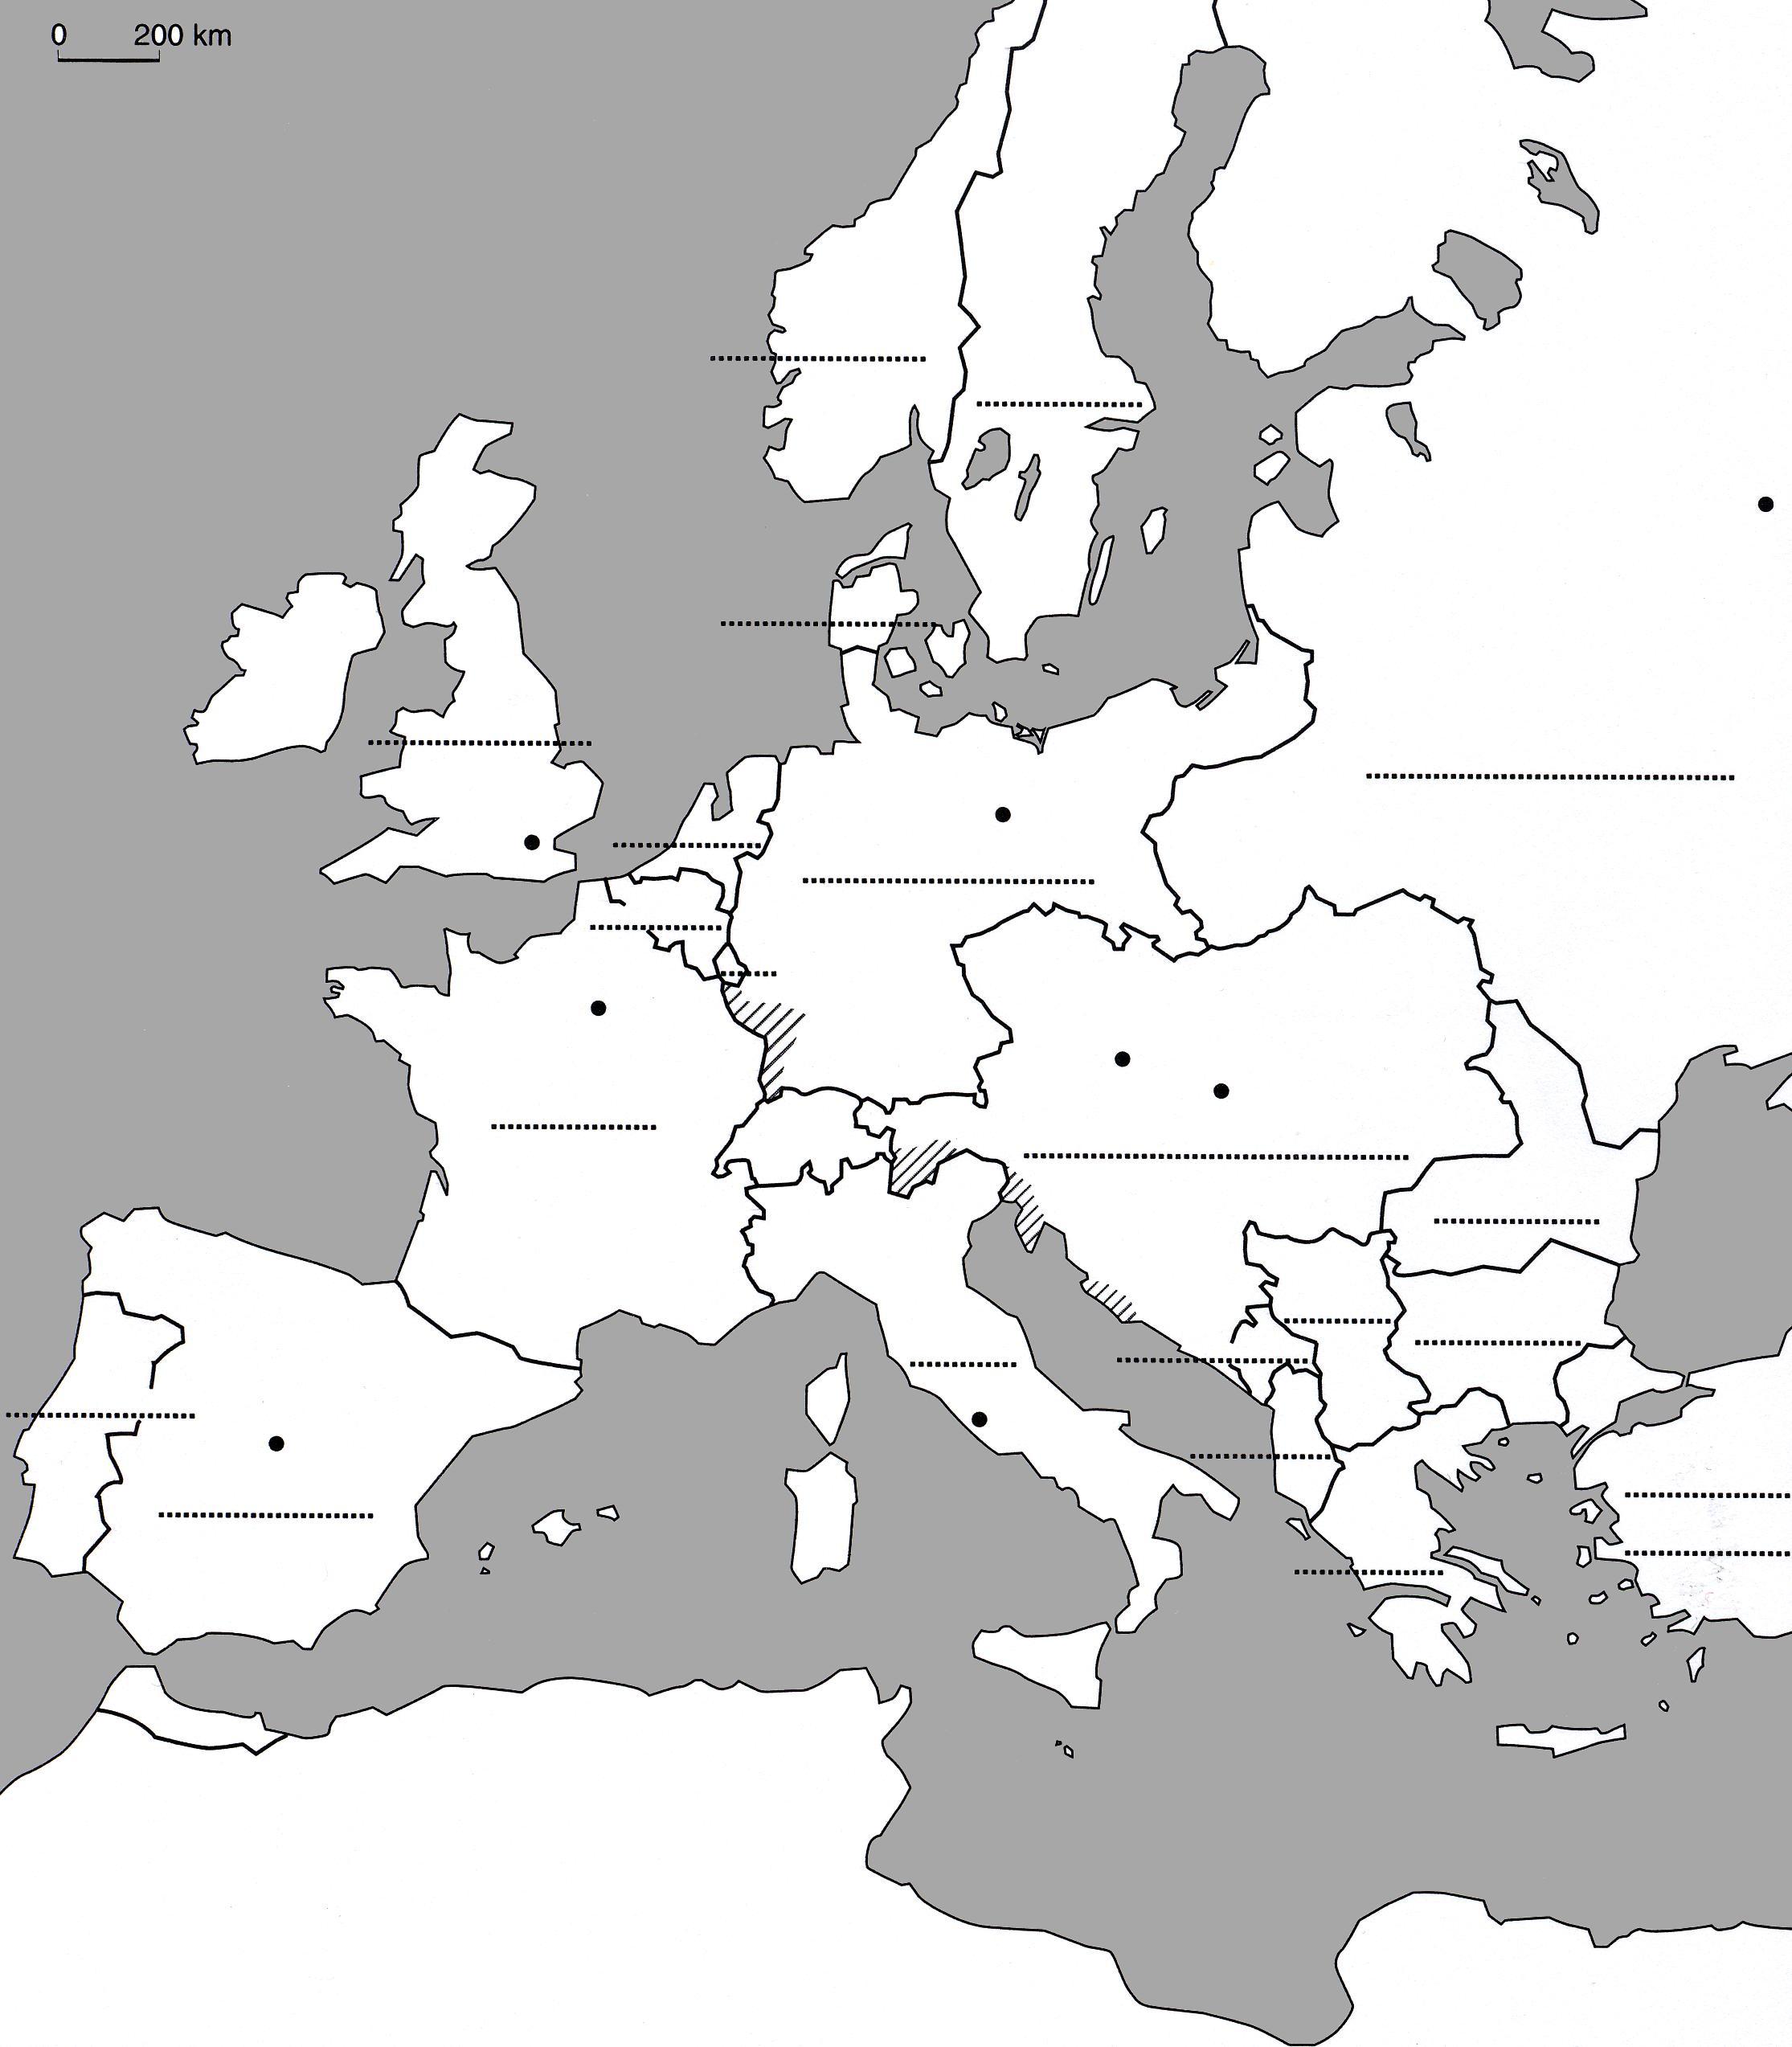 Carte Europe Cm1 À Compléter | My Blog tout Carte De France A Remplir